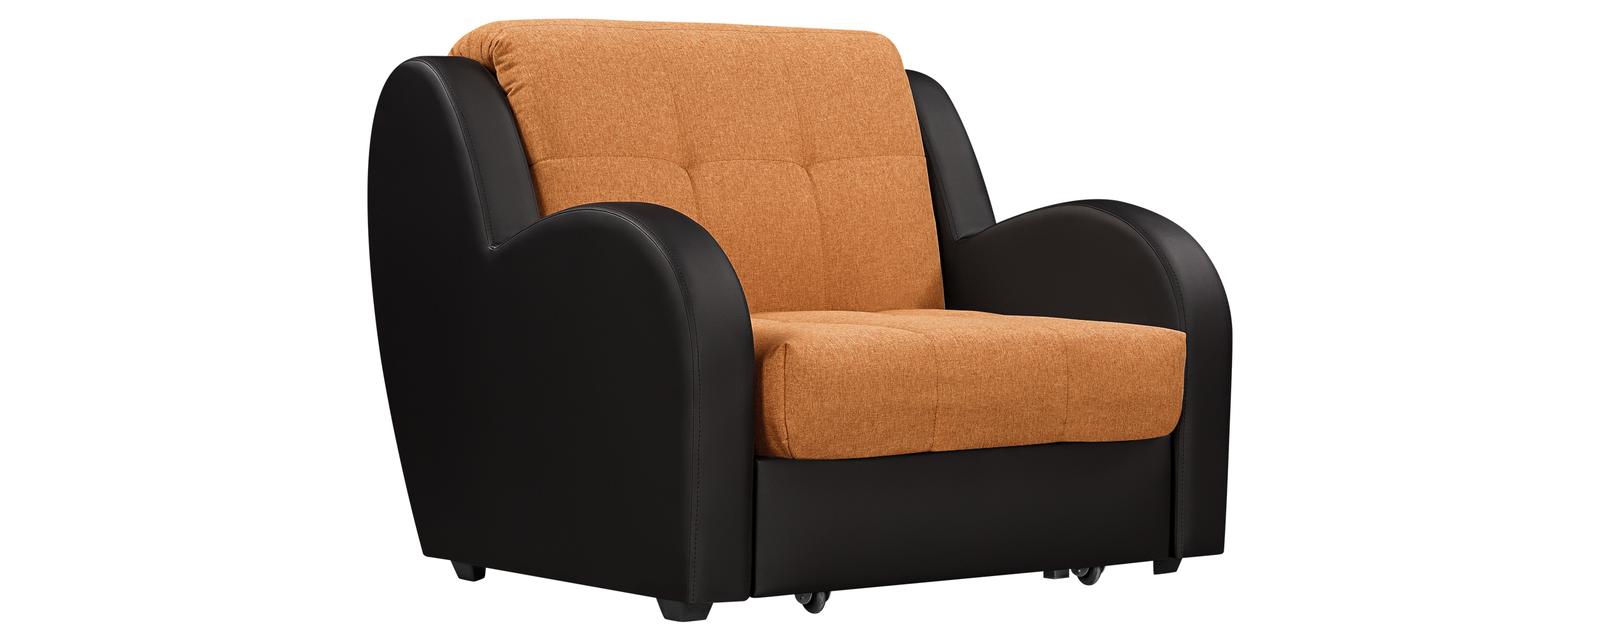 Кресло тканевое Барон Kiton оранжевый (Рогожка + Экокожа)